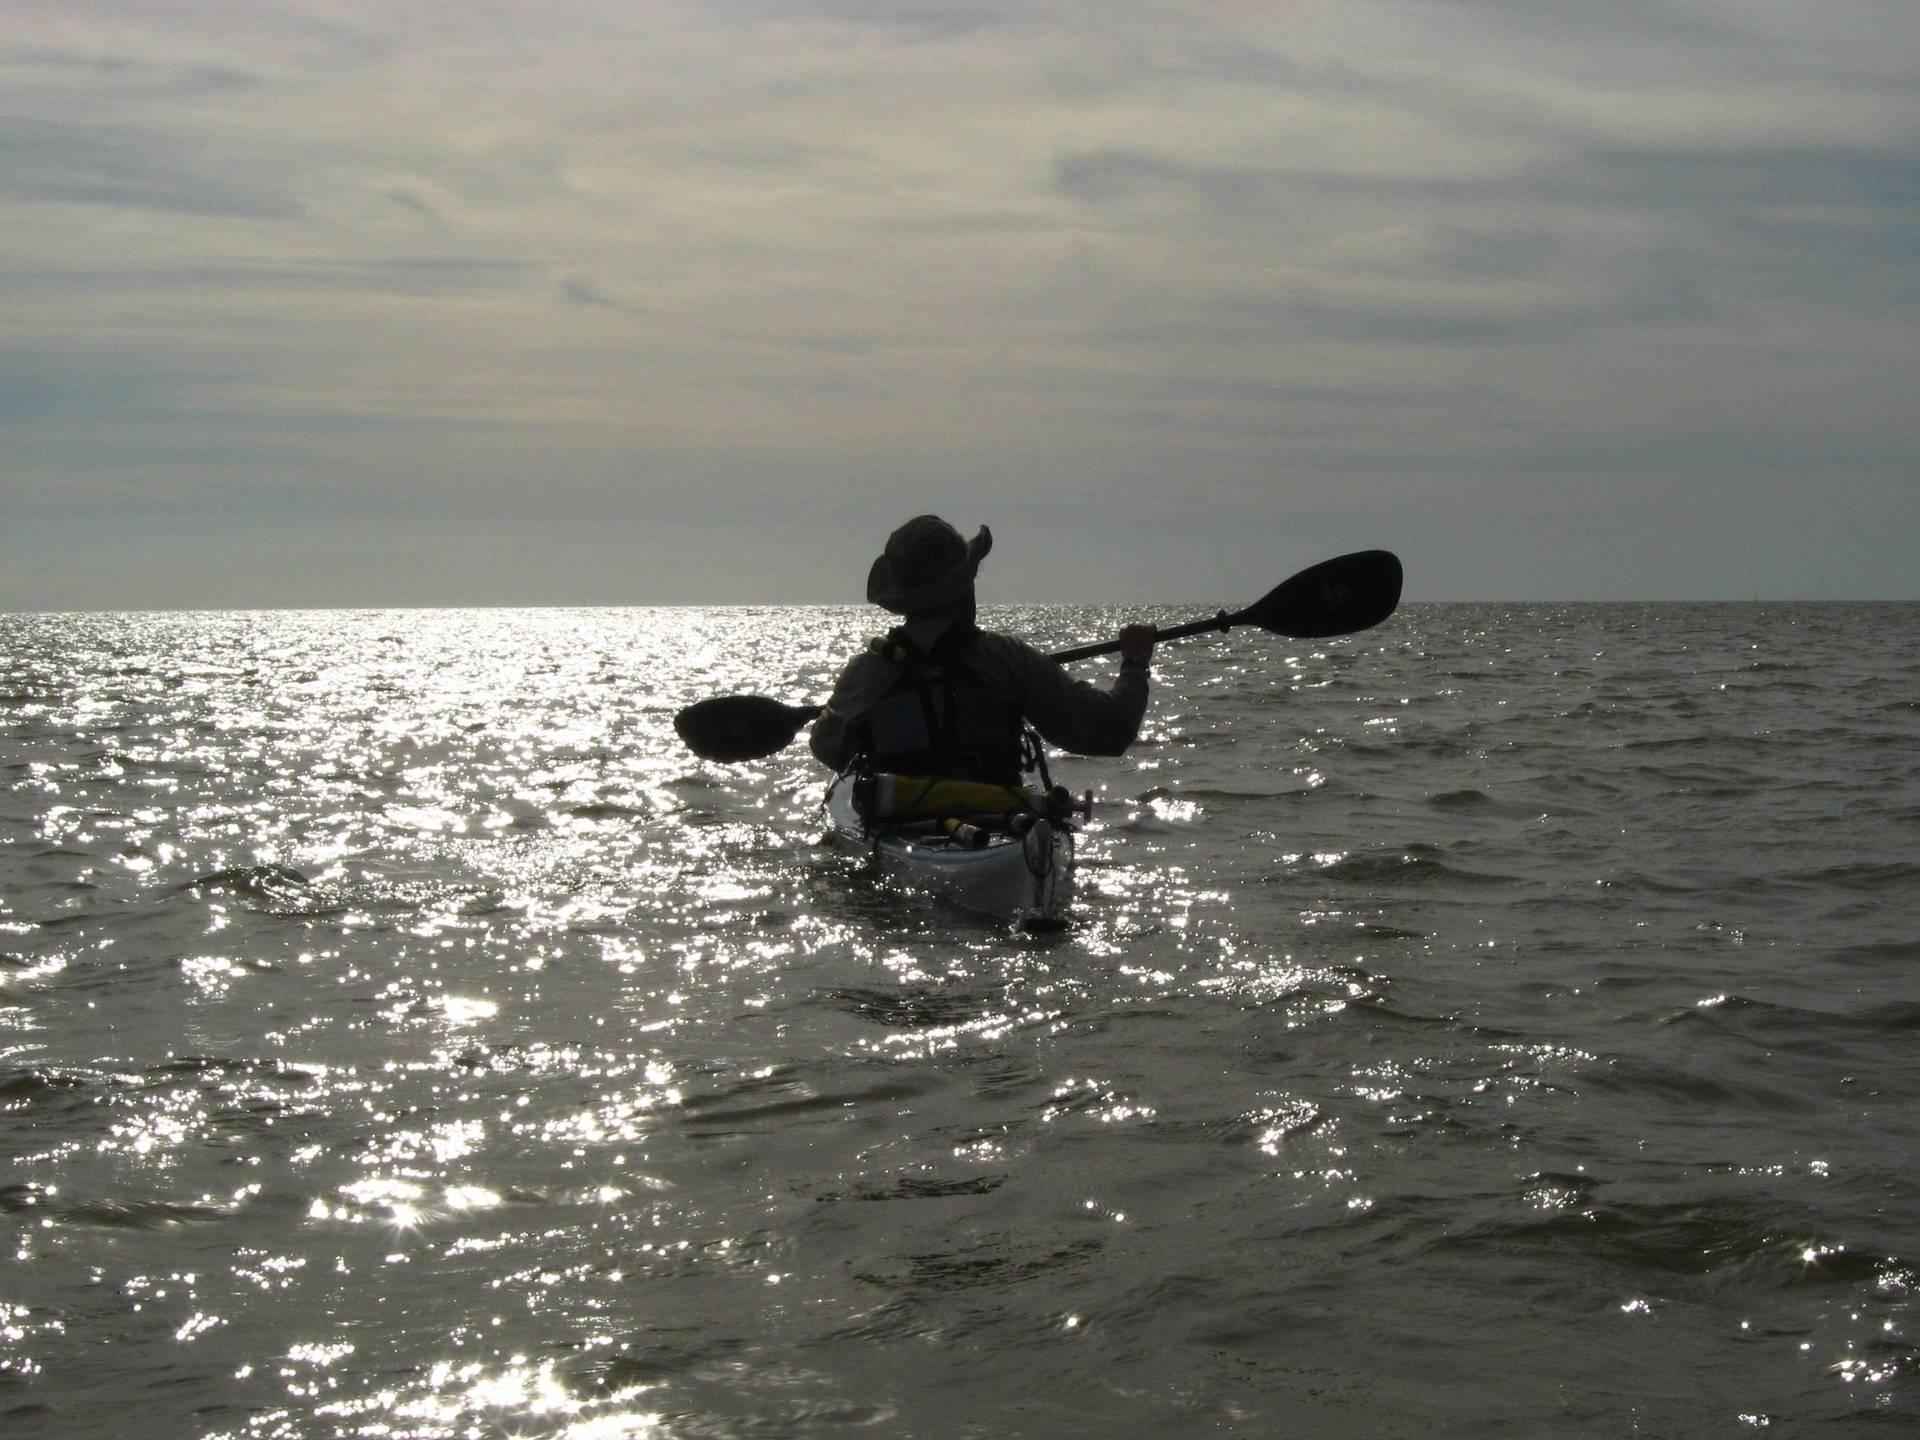 Bill paddling in the Gulf